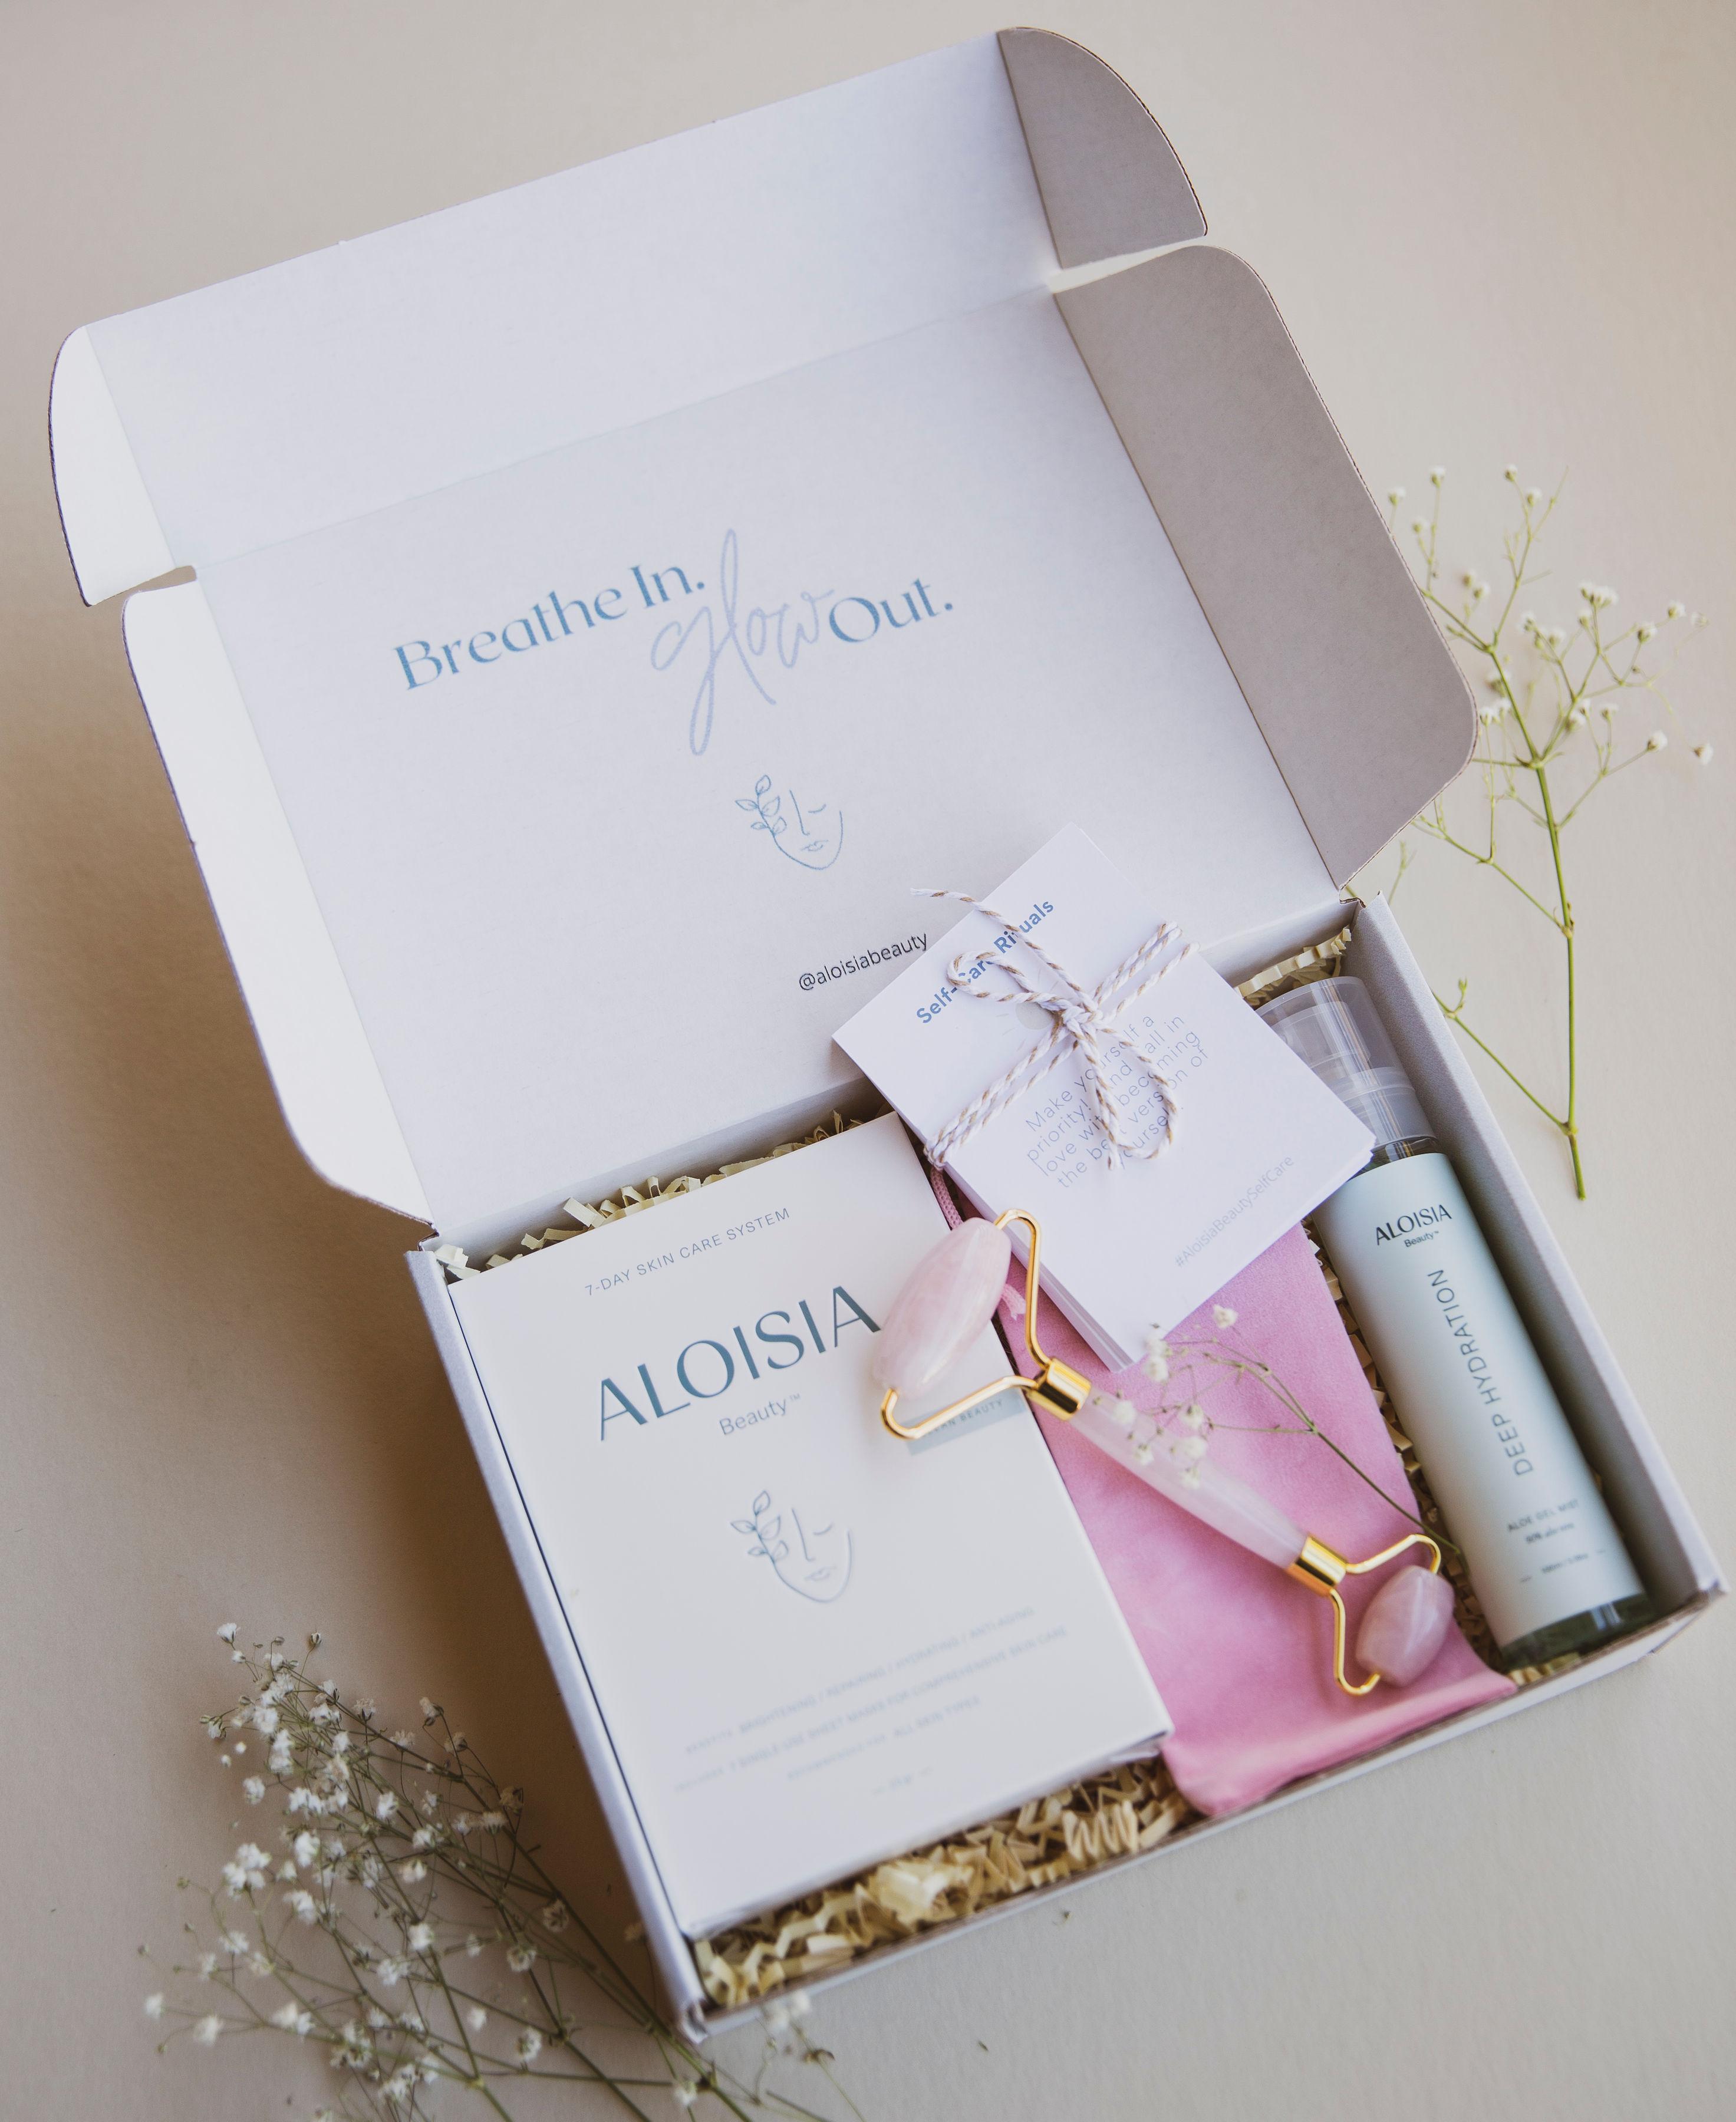 Aloisia_GiftSet_2